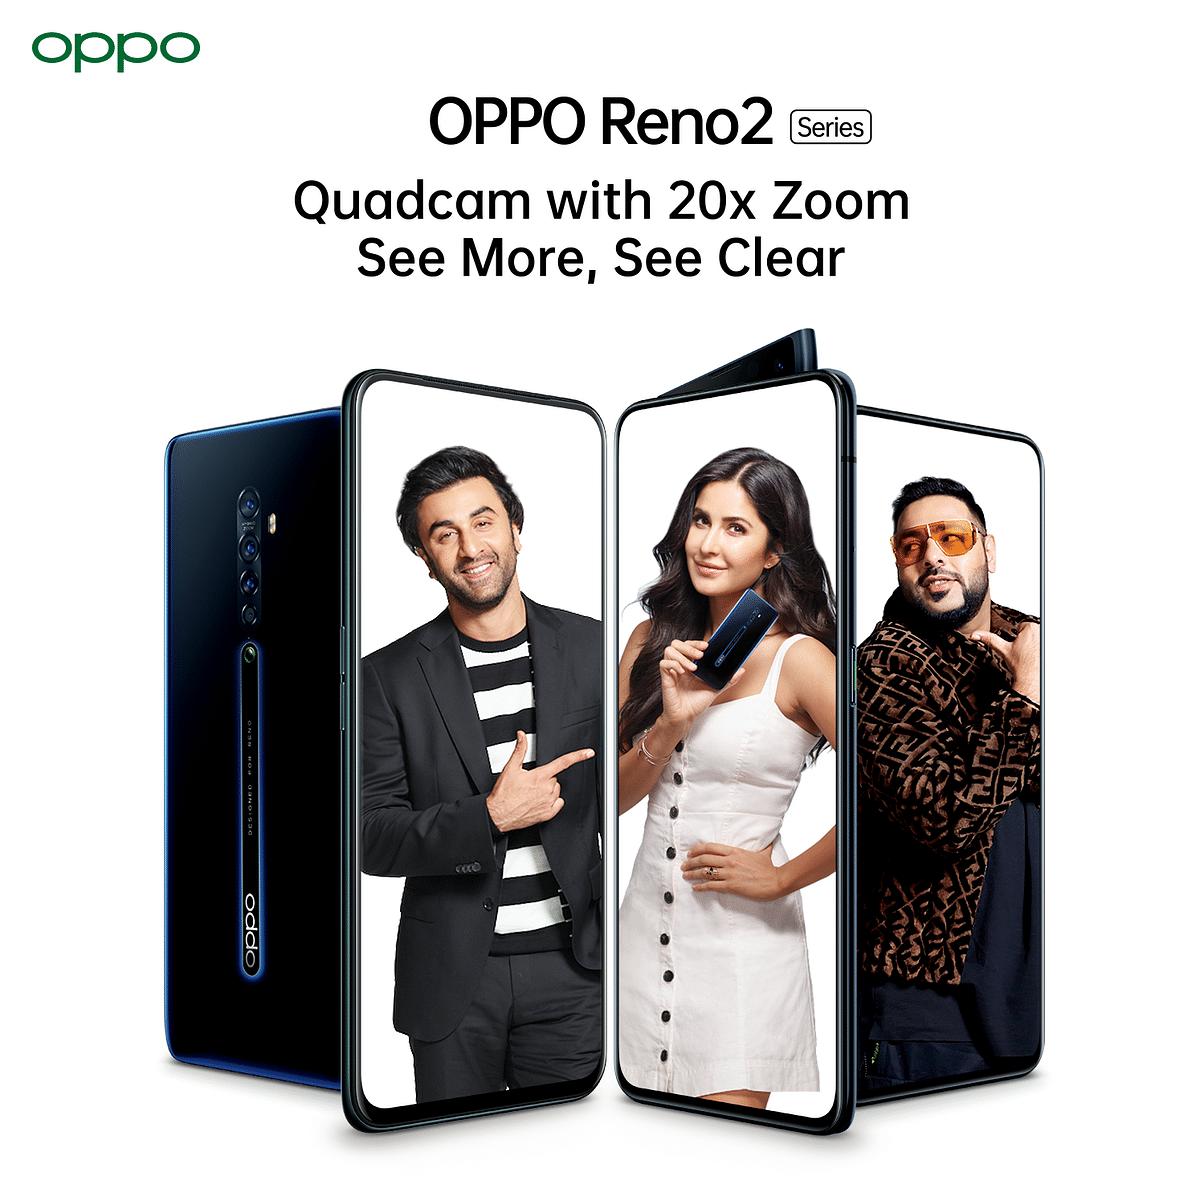 OPPO's Reno2 brand ambassadors